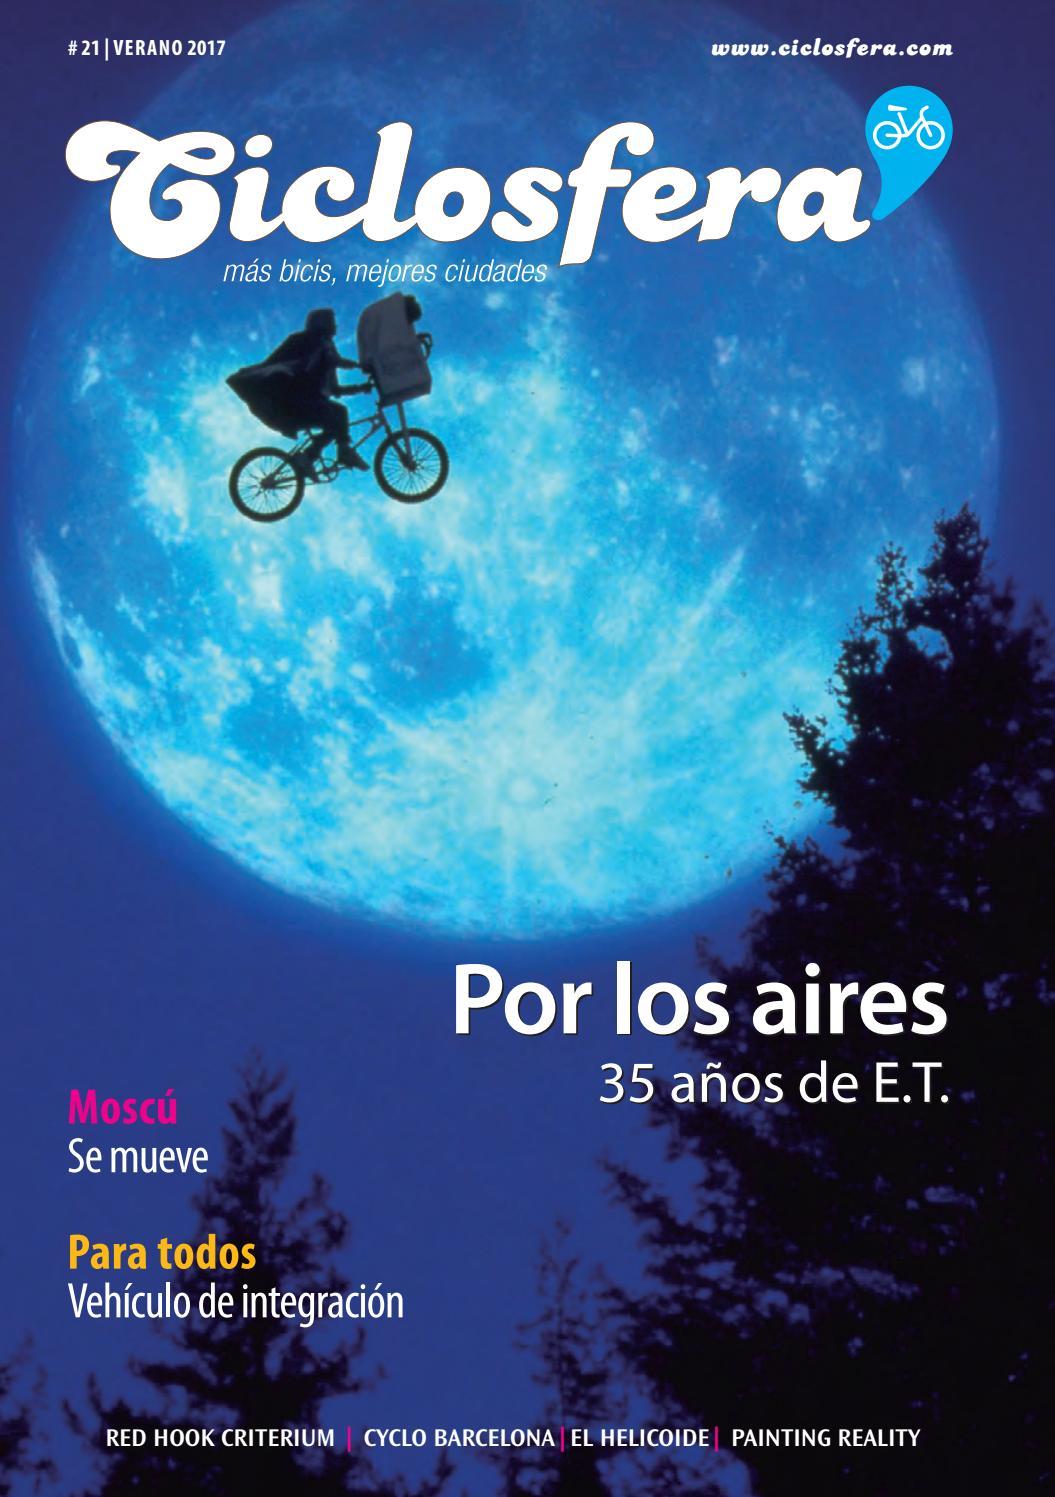 Ciclosfera #21 (verano 2017) by Revista Ciclosfera - issuu